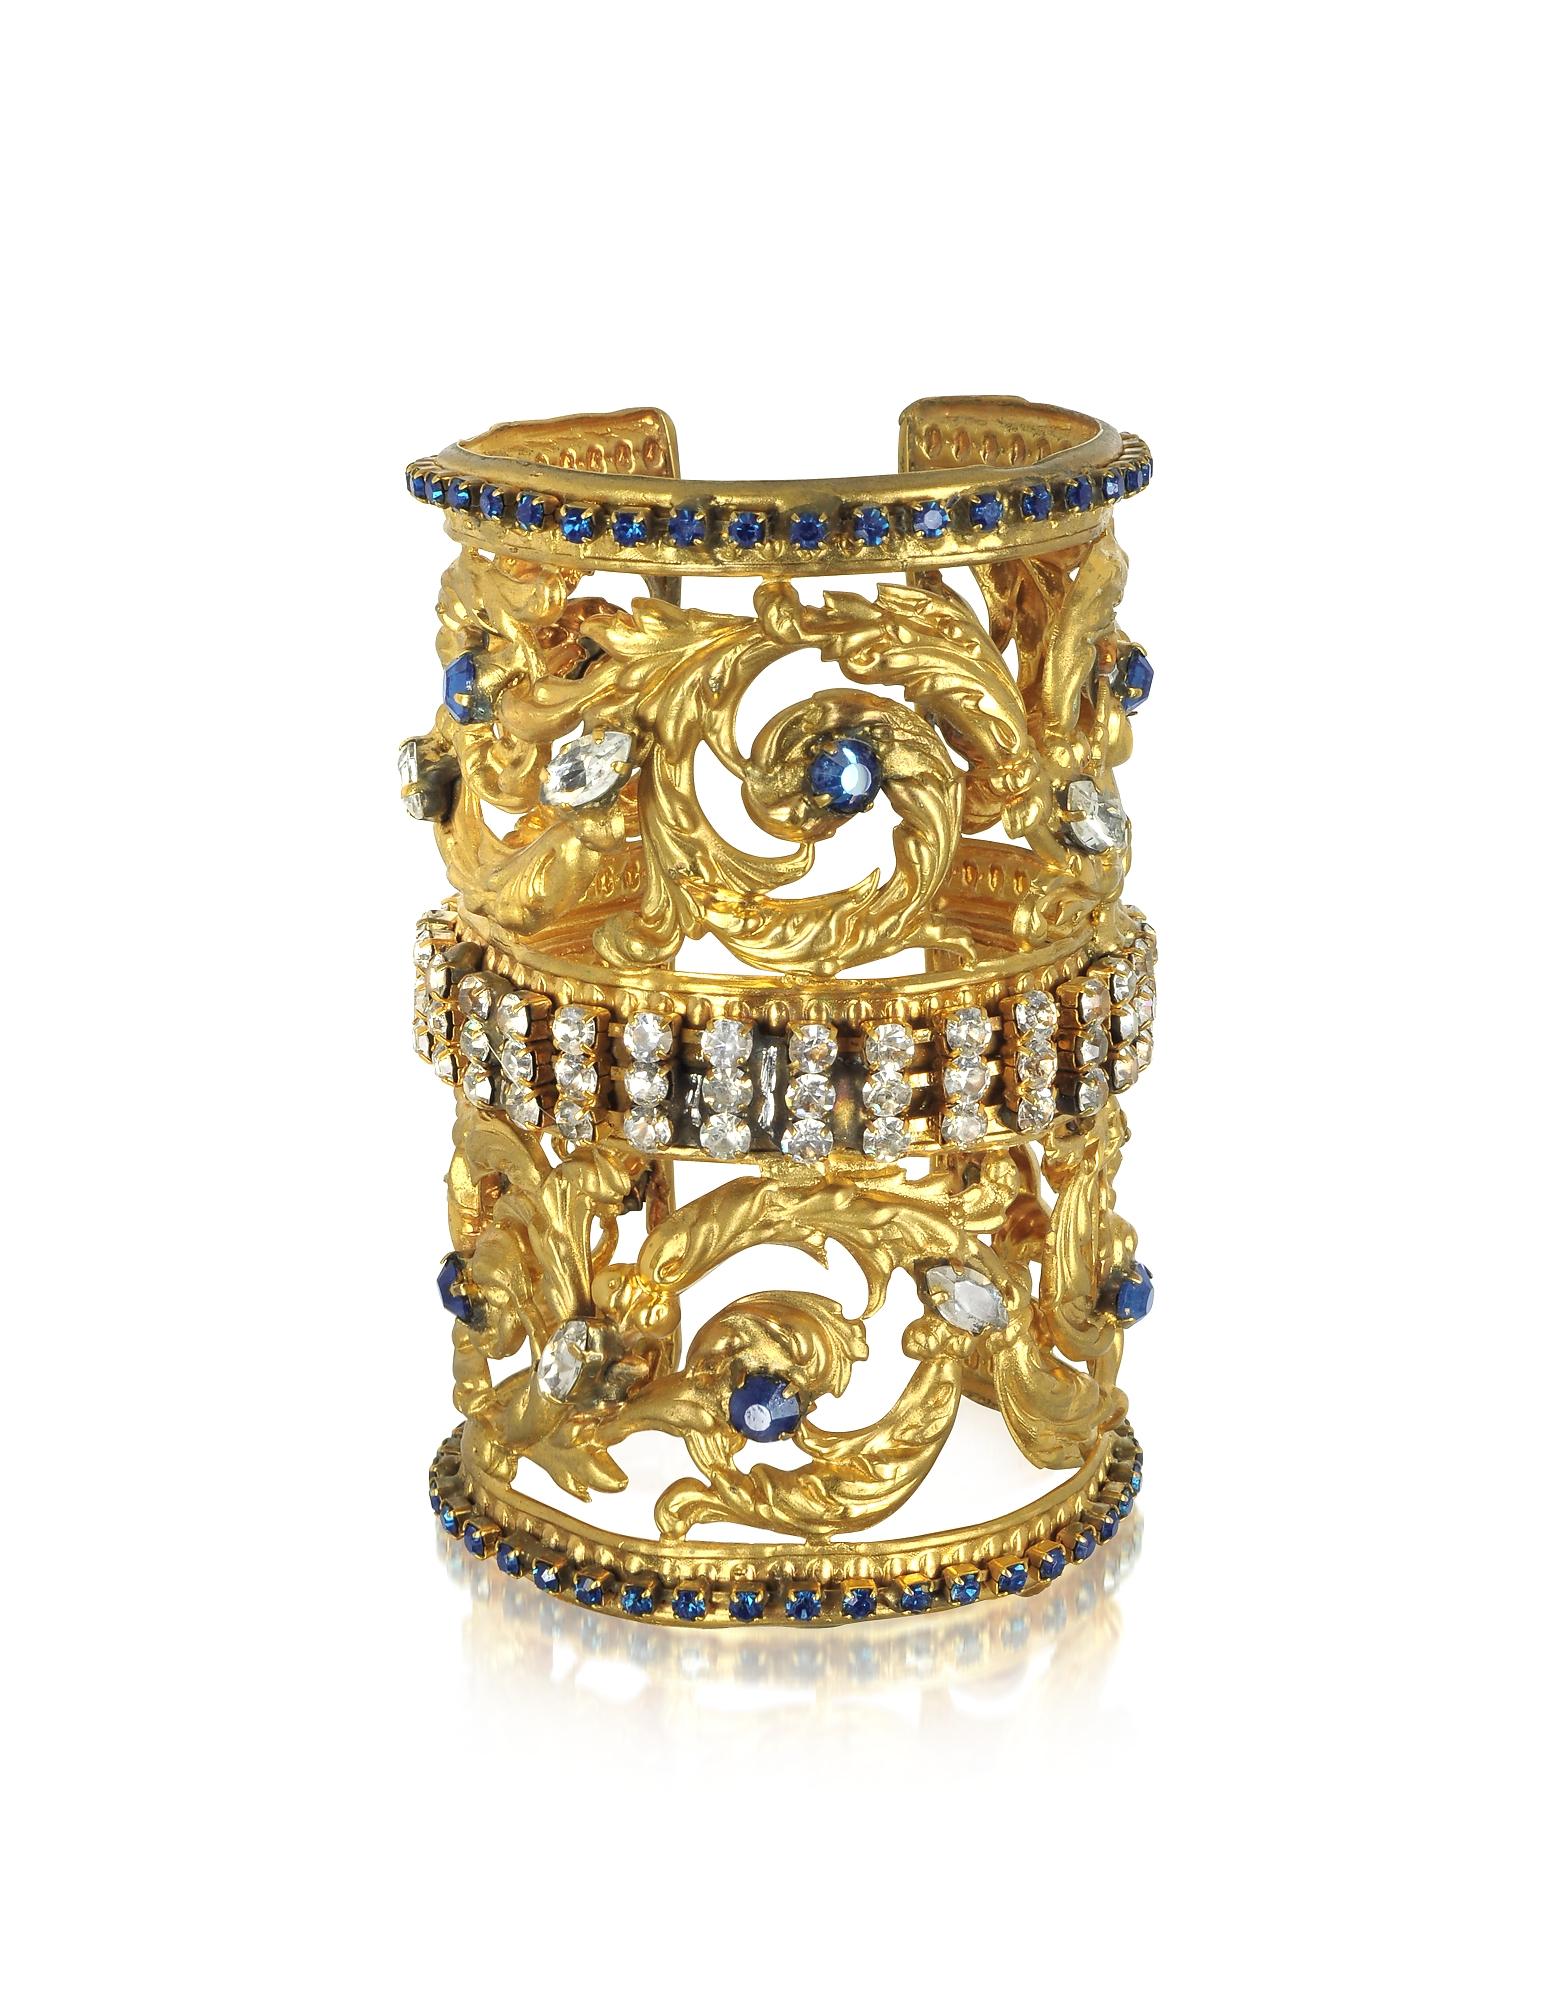 Braccialetto in Ottone Placcato Oro Corinthian Column con Pavè di Cristalli